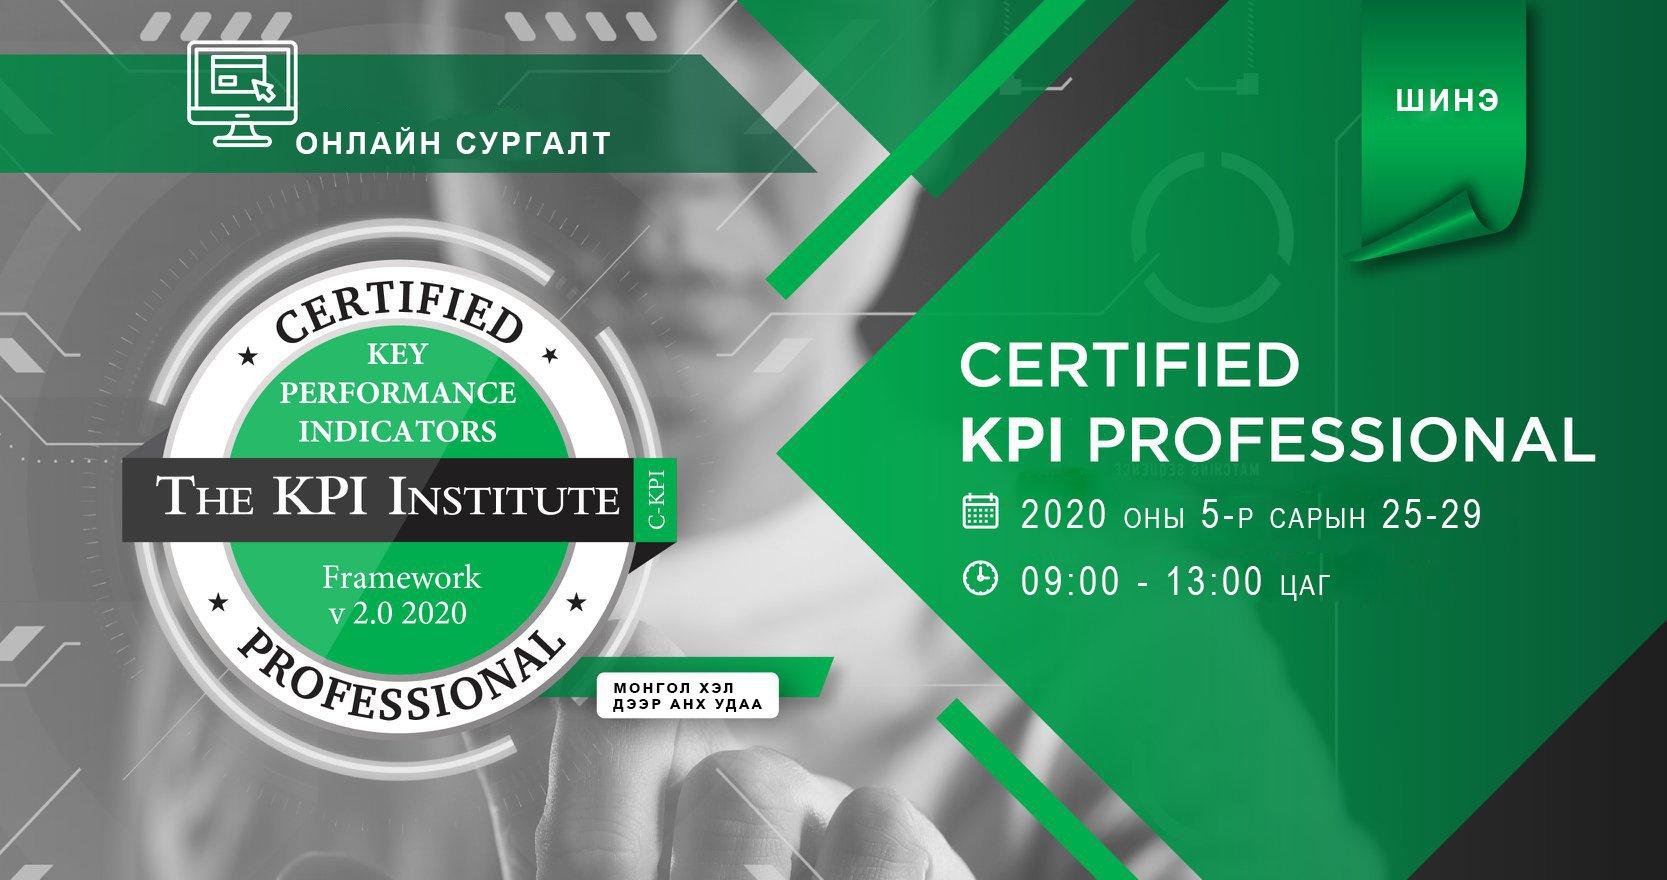 KPI institute-ийн сертификаттай сургалт монгол хэл дээр анх удаа